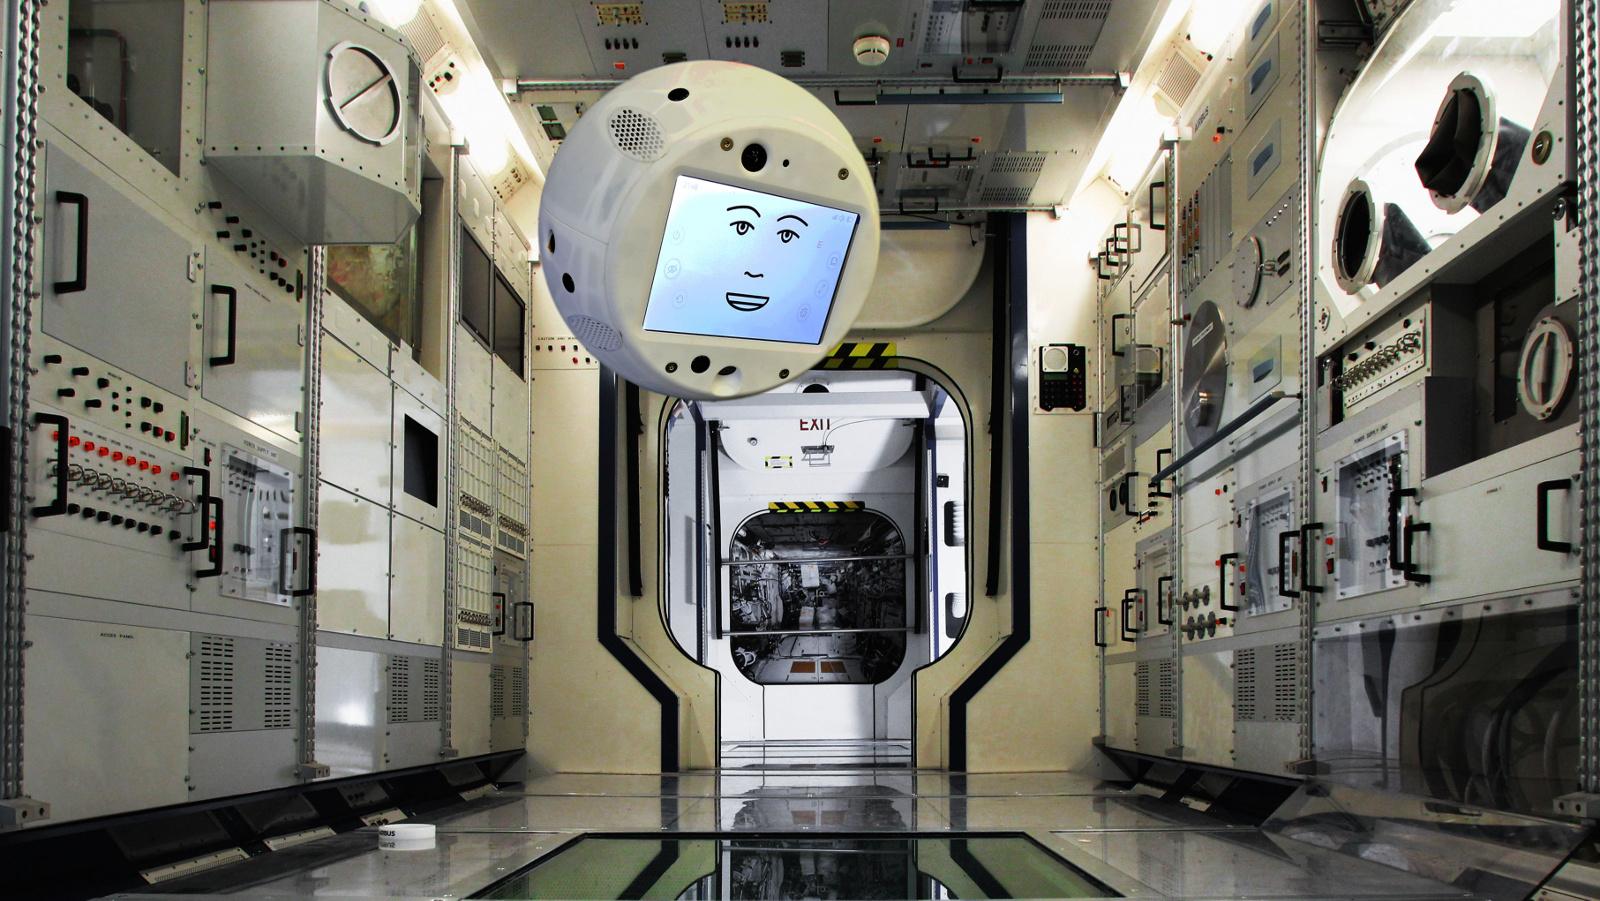 Un robot volador con Inteligencia Artificial se dirige a la Estación Espacial Internacional